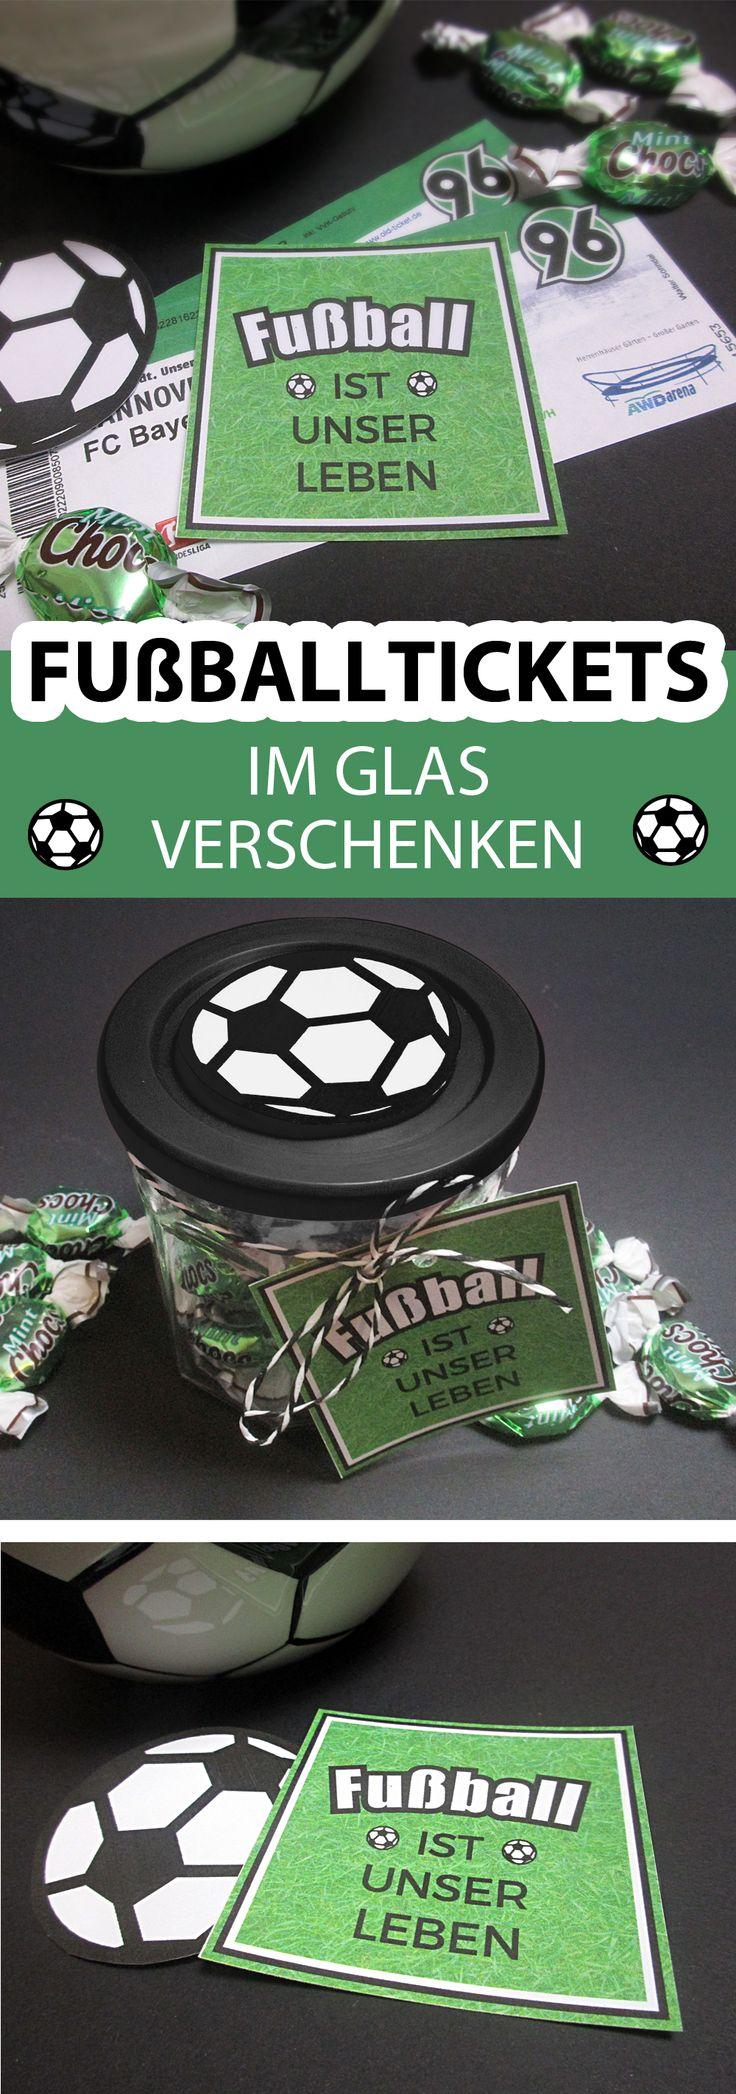 tolel Geschenkidee für Fußballfans:Tickets im Glas verpacken! #männer #freebie #printable #weihnachten